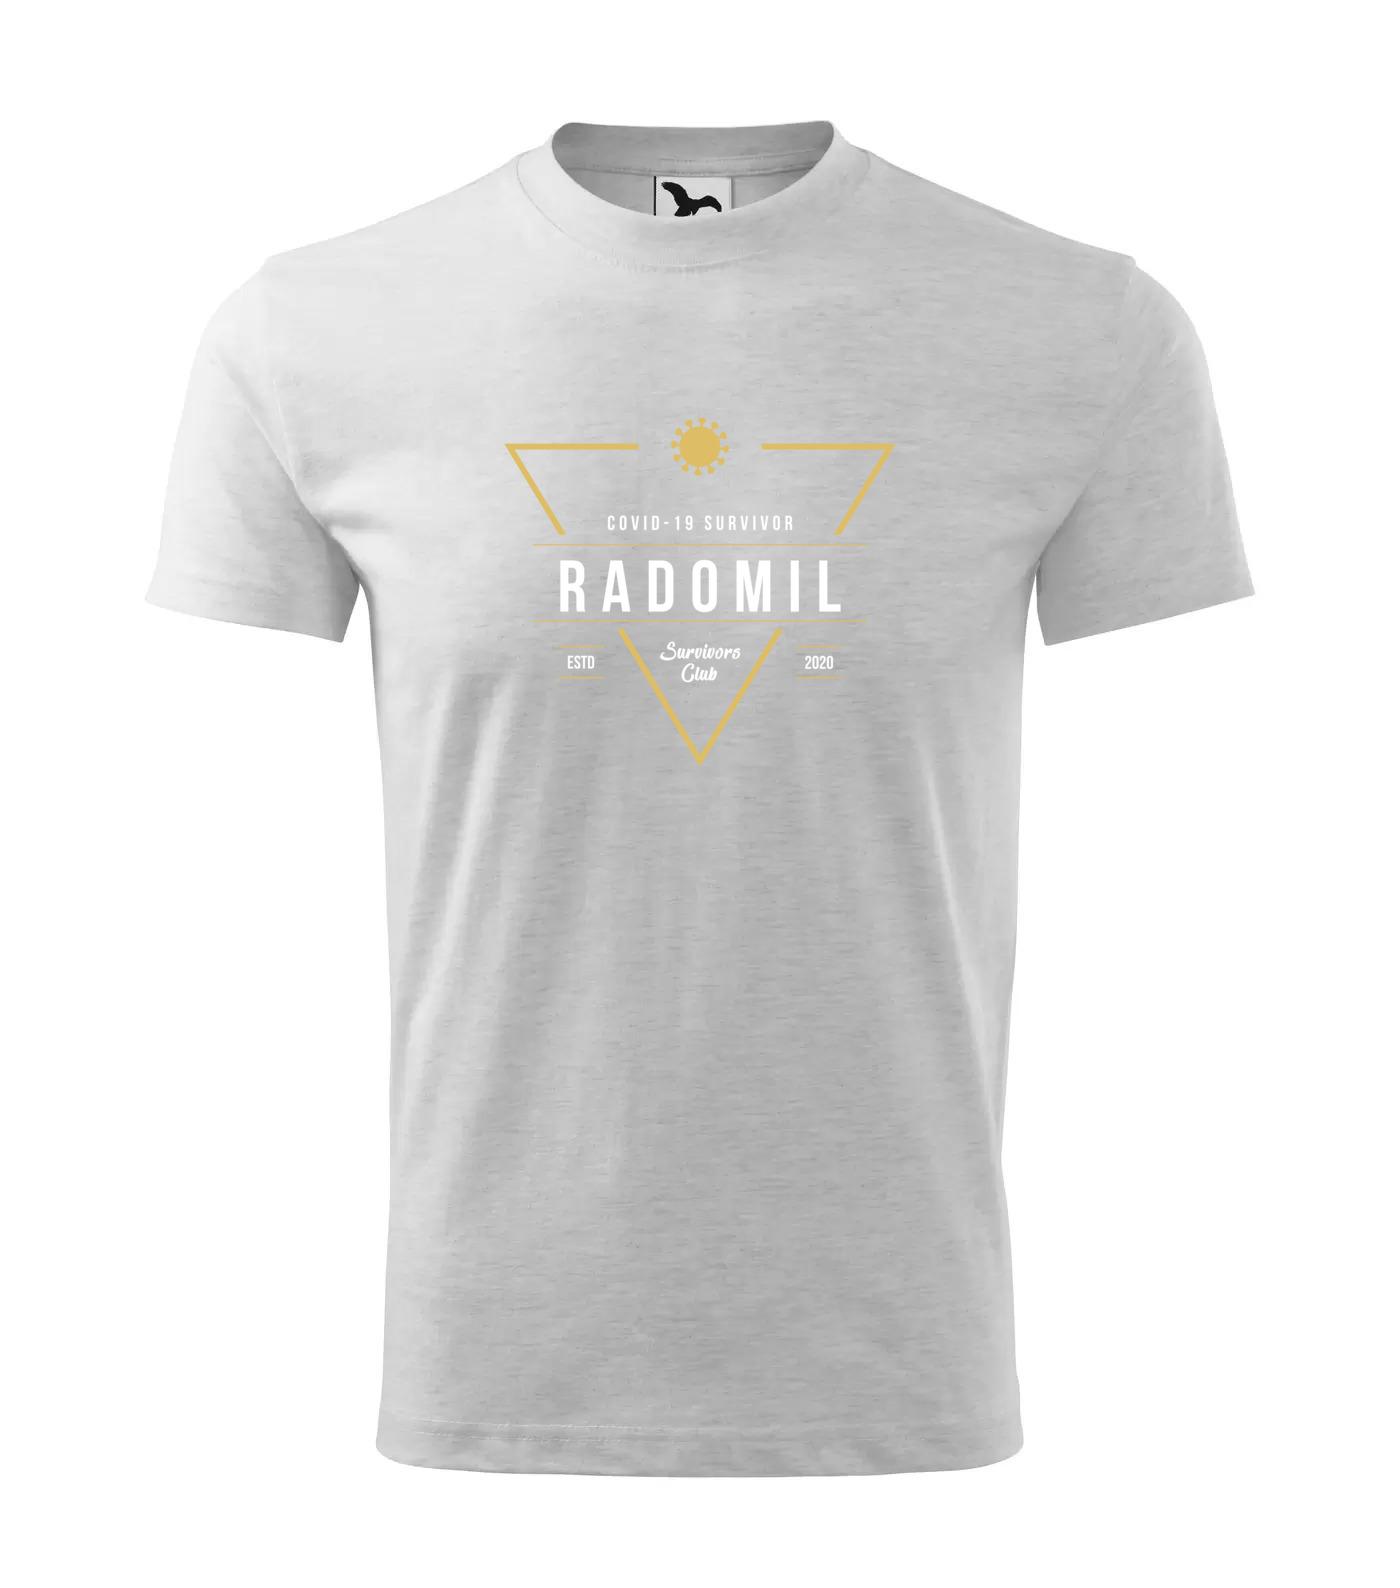 Tričko Survivor Club Radomil